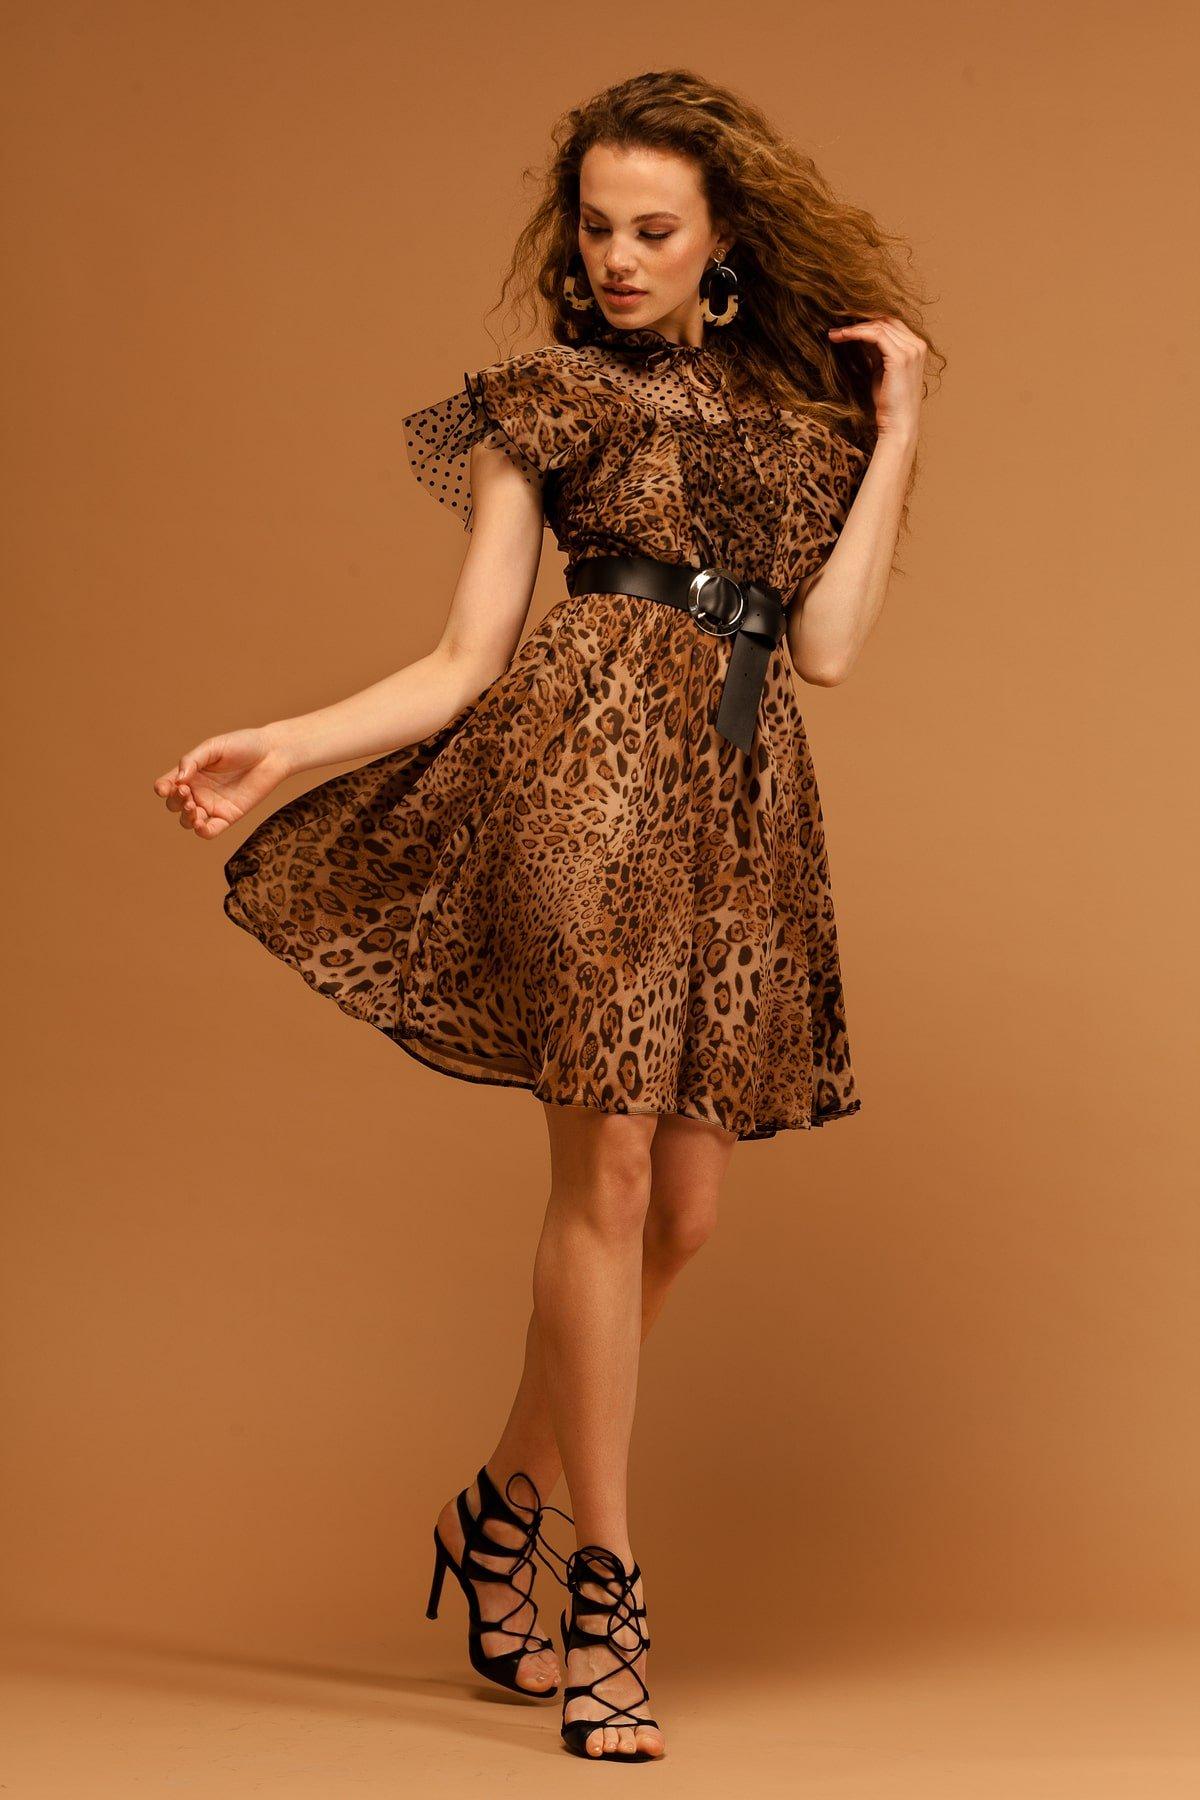 Платье Дали 7251 АРТ. 42805 Цвет: Леопард 1 - фото 4, интернет магазин tm-modus.ru